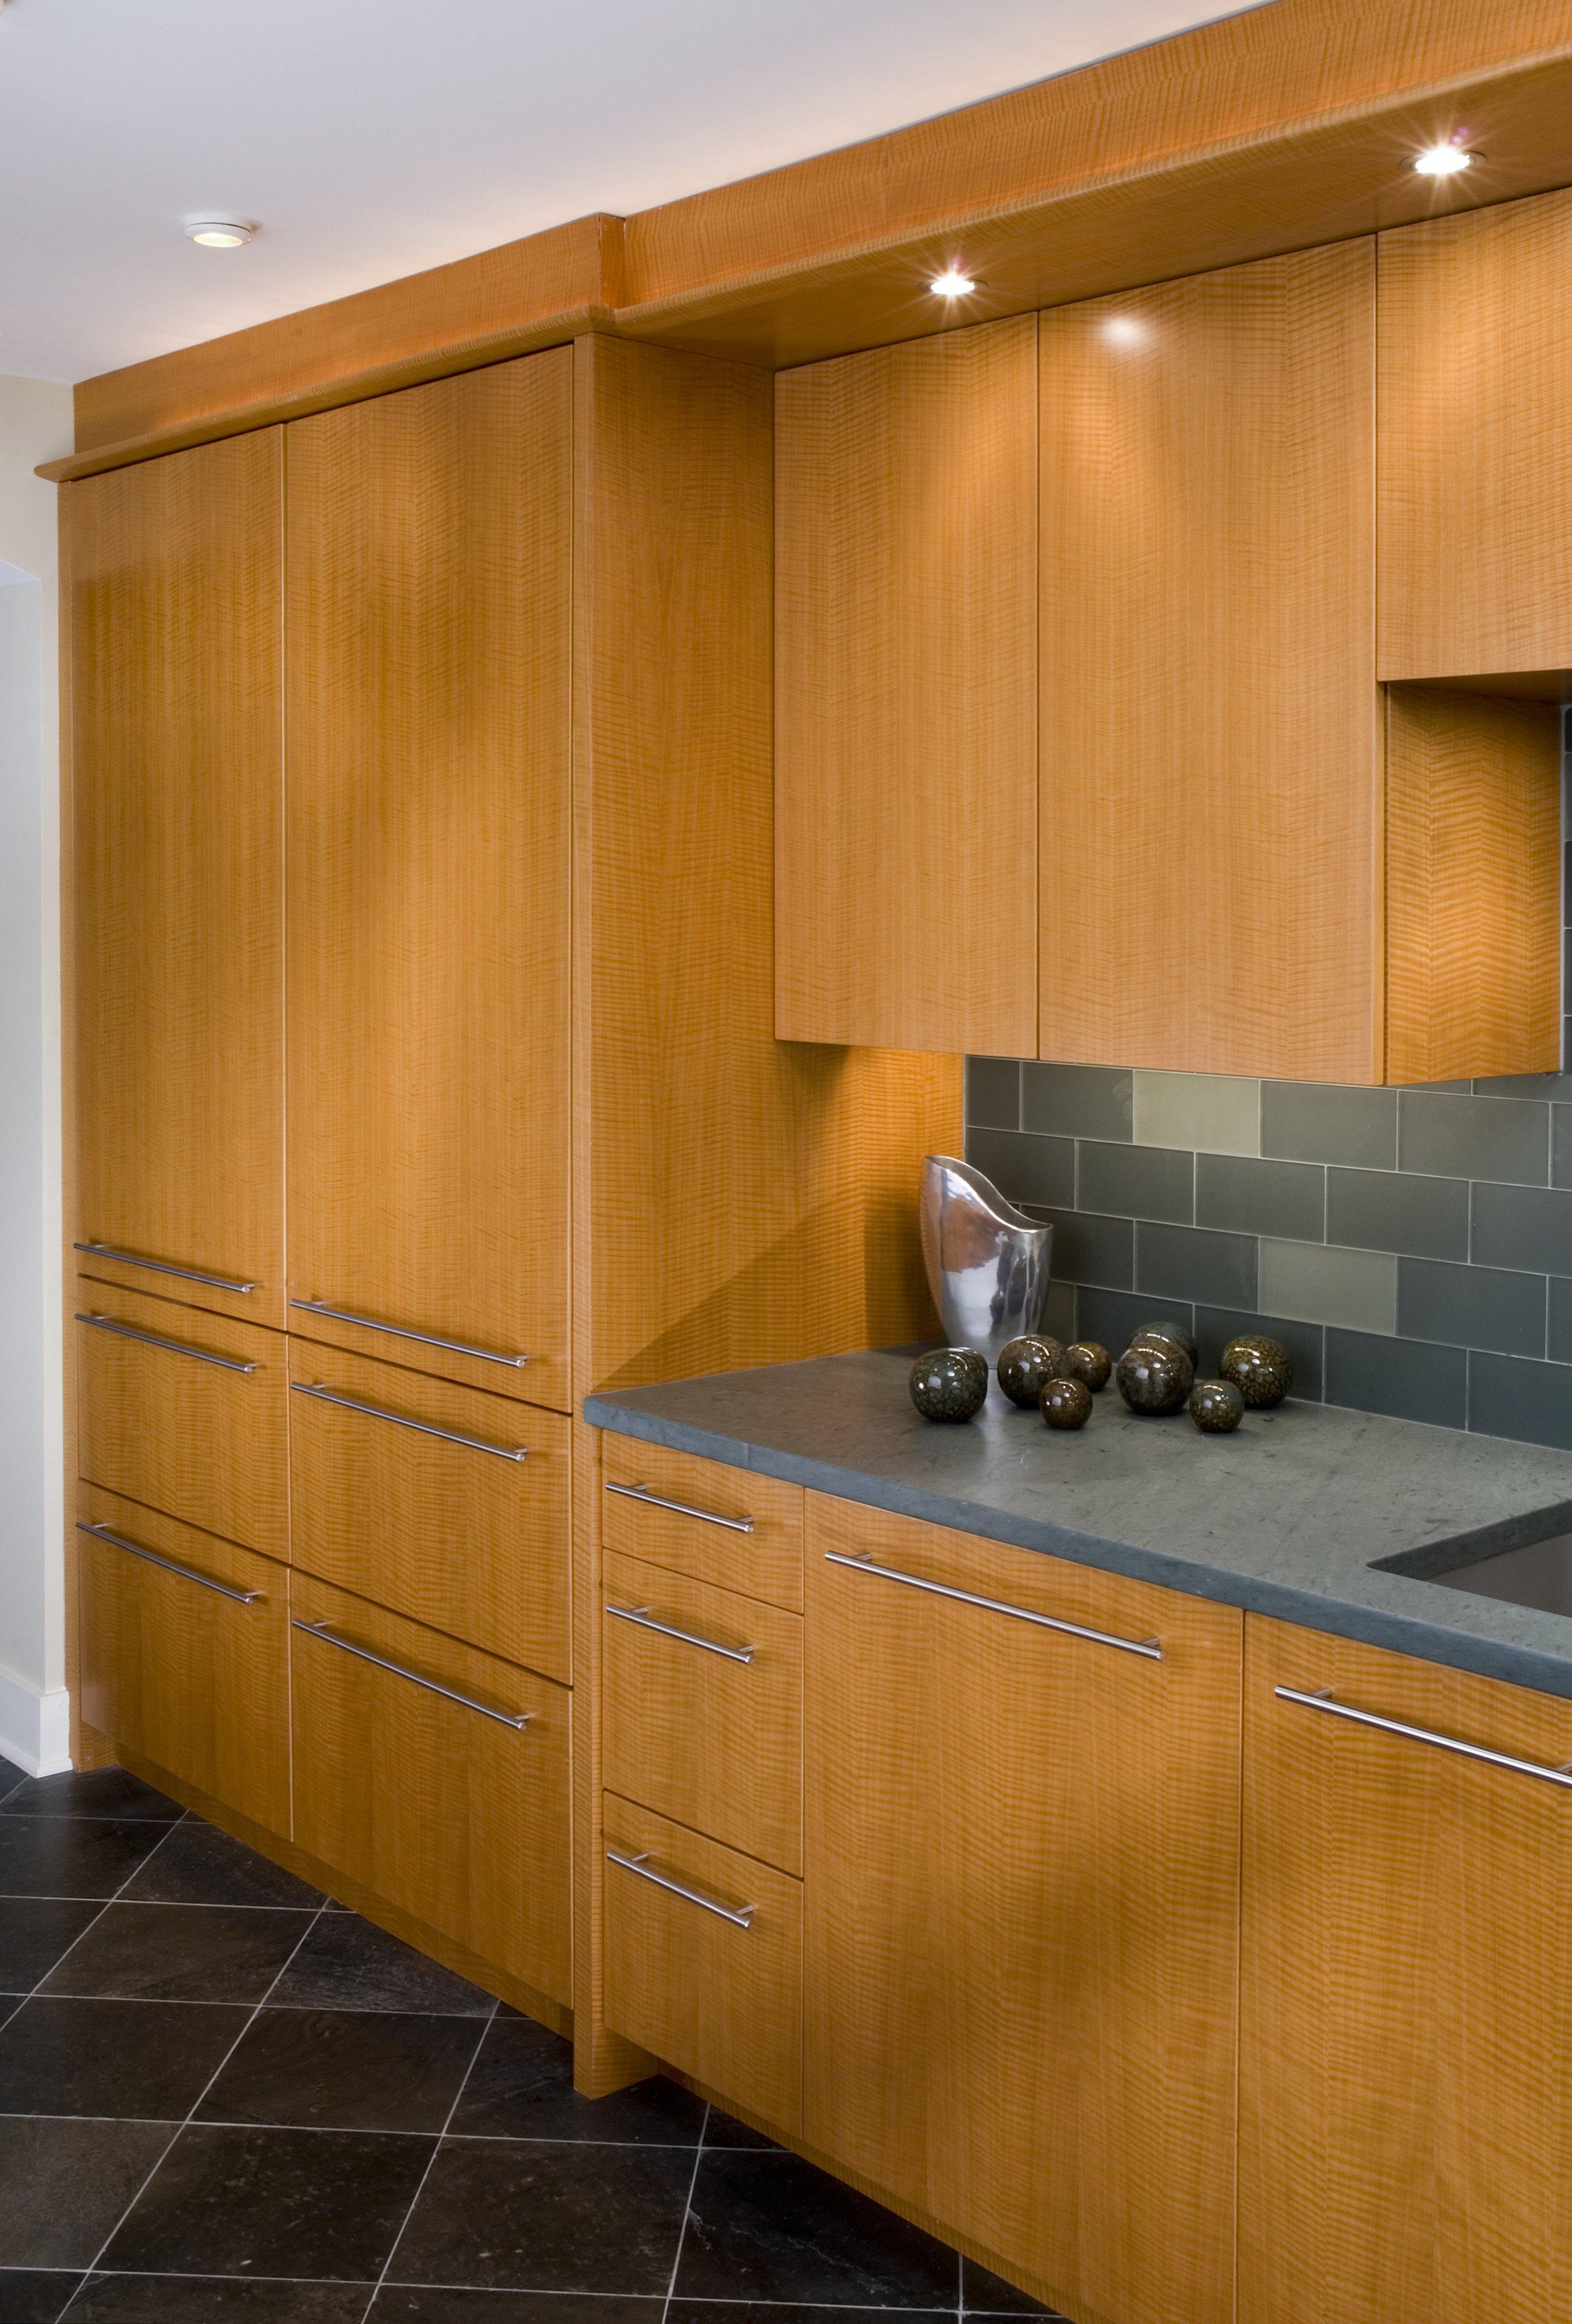 KBC_kitchen_bath_concepts_Kitchen_150.jpg